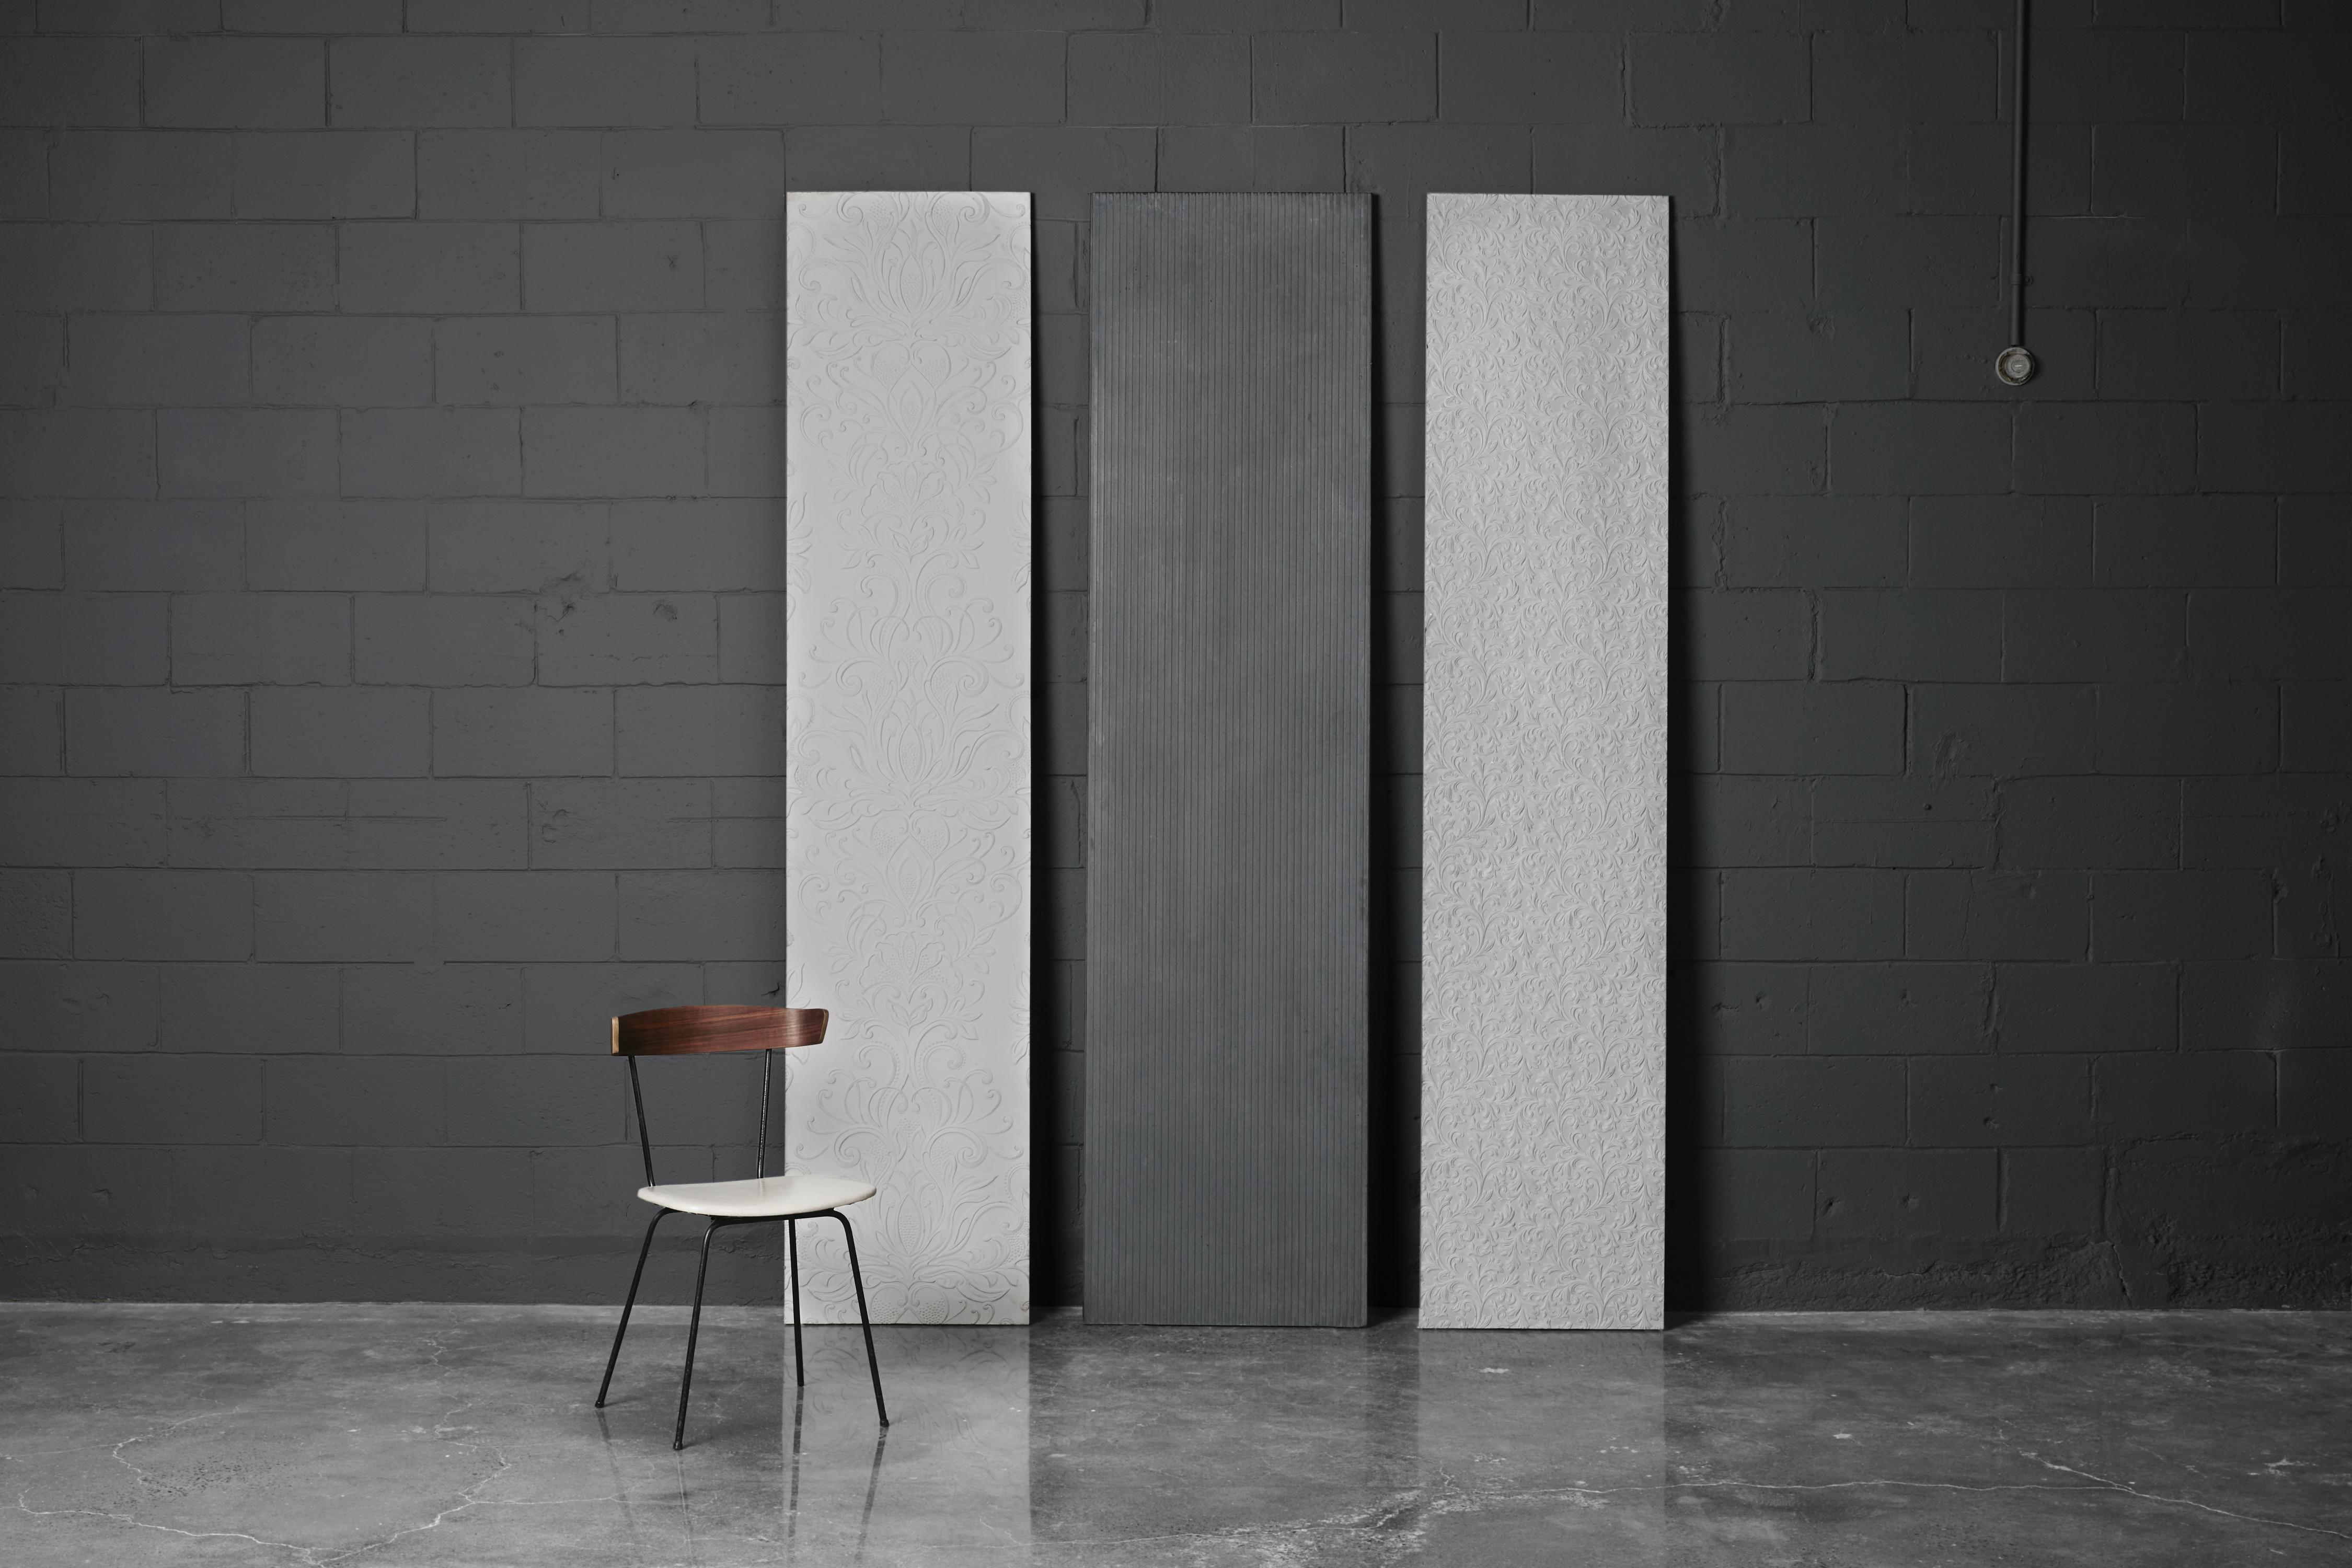 panneaux de b ton d coratif et murs effet tapisserie atelierb. Black Bedroom Furniture Sets. Home Design Ideas